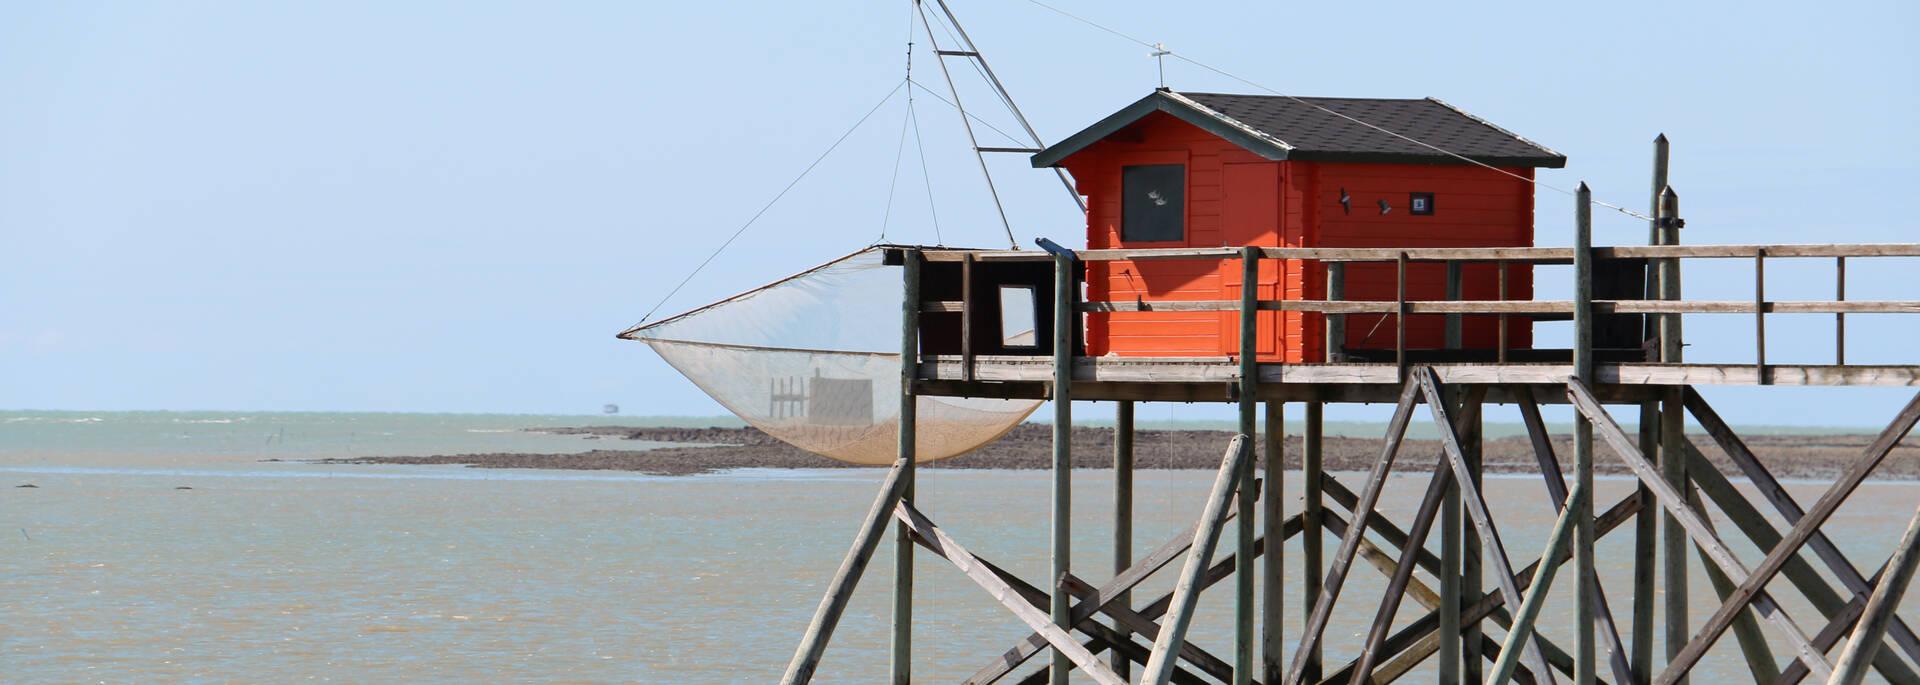 Le fort boyard pris dans les filets du carrelet rouge de l'île Madame - © Office de tourisme Rochefort océan